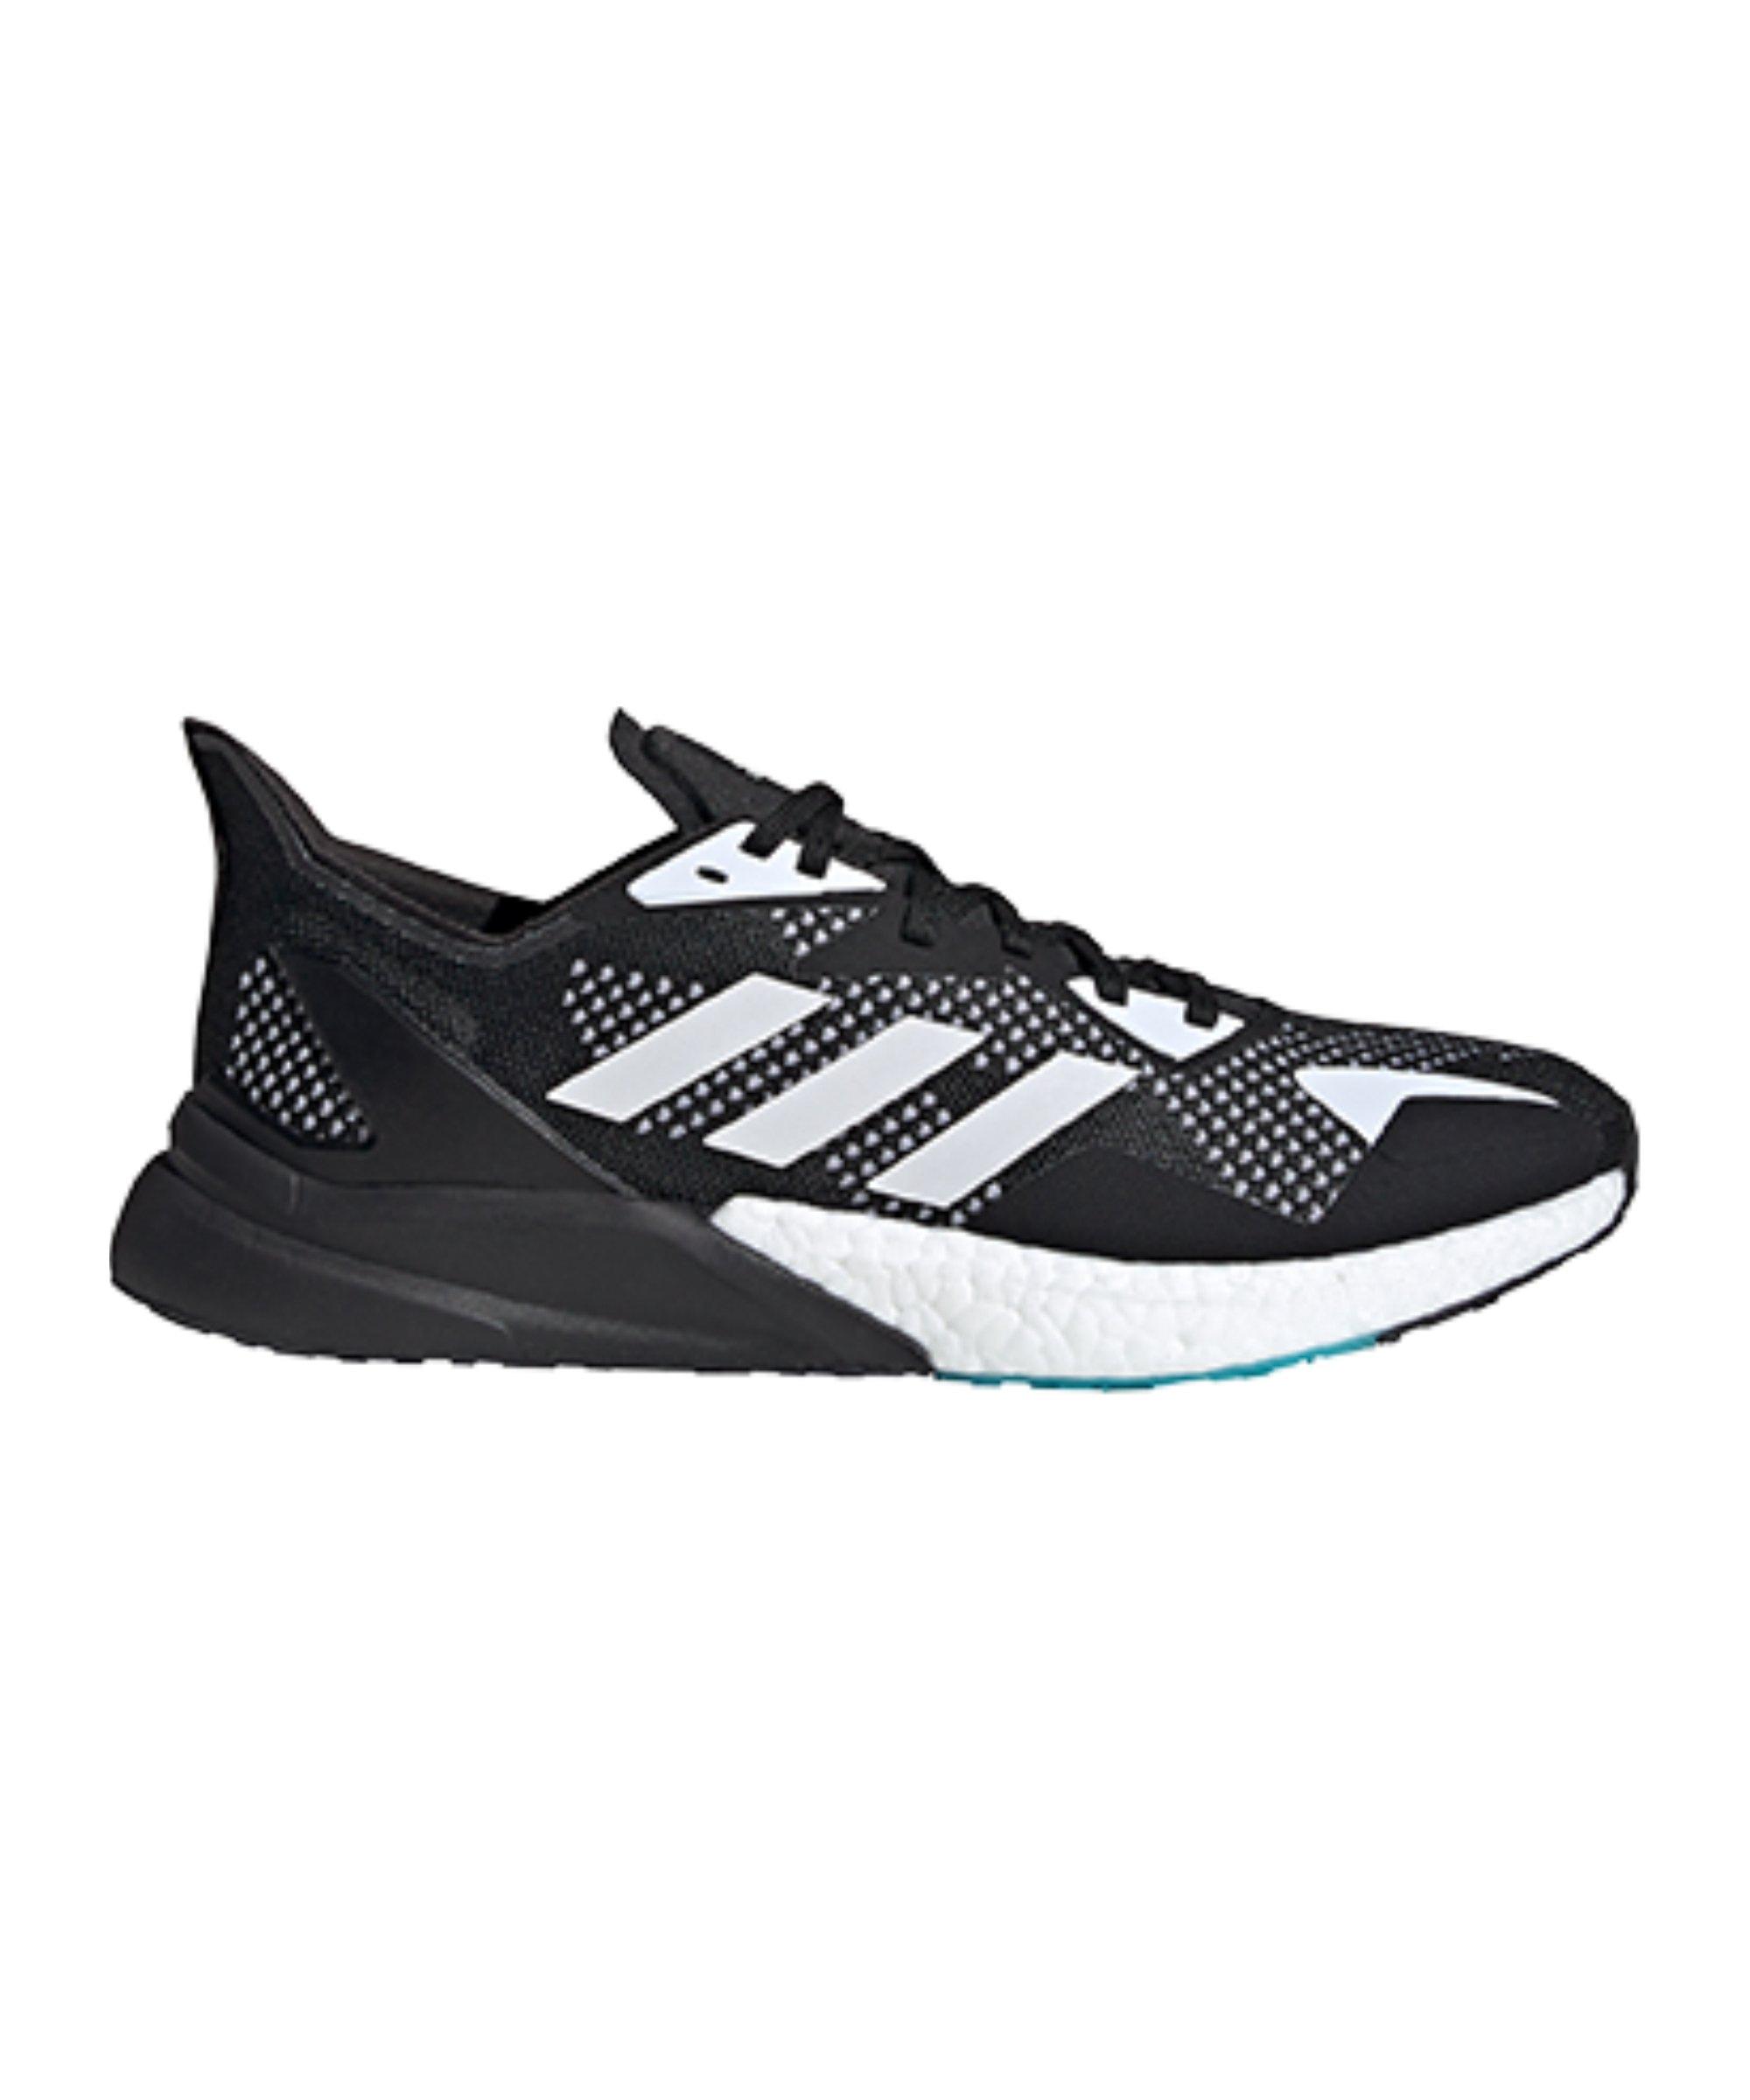 adidas x9000L3 Running Schwarz Weiss - schwarz